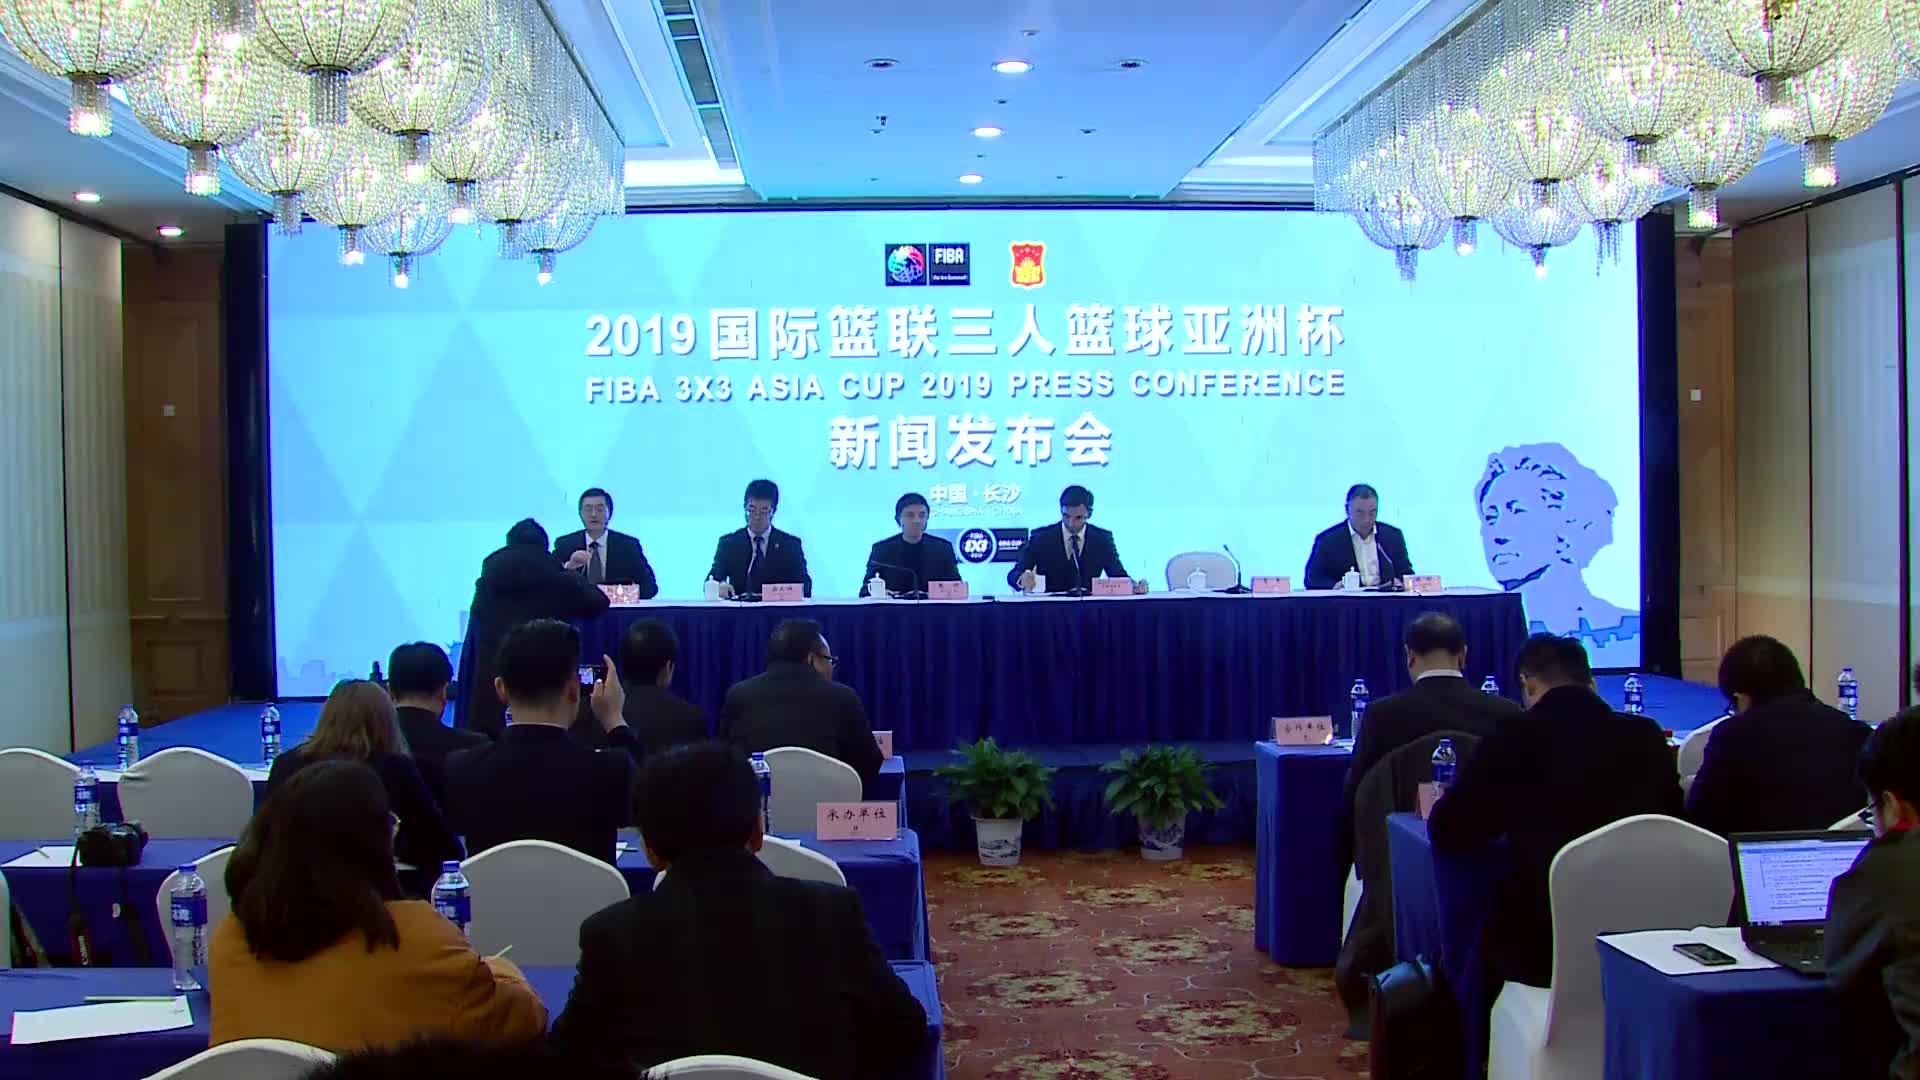 【全程回放】介绍2019国际篮联三人篮球亚洲杯筹备情况新闻发布会